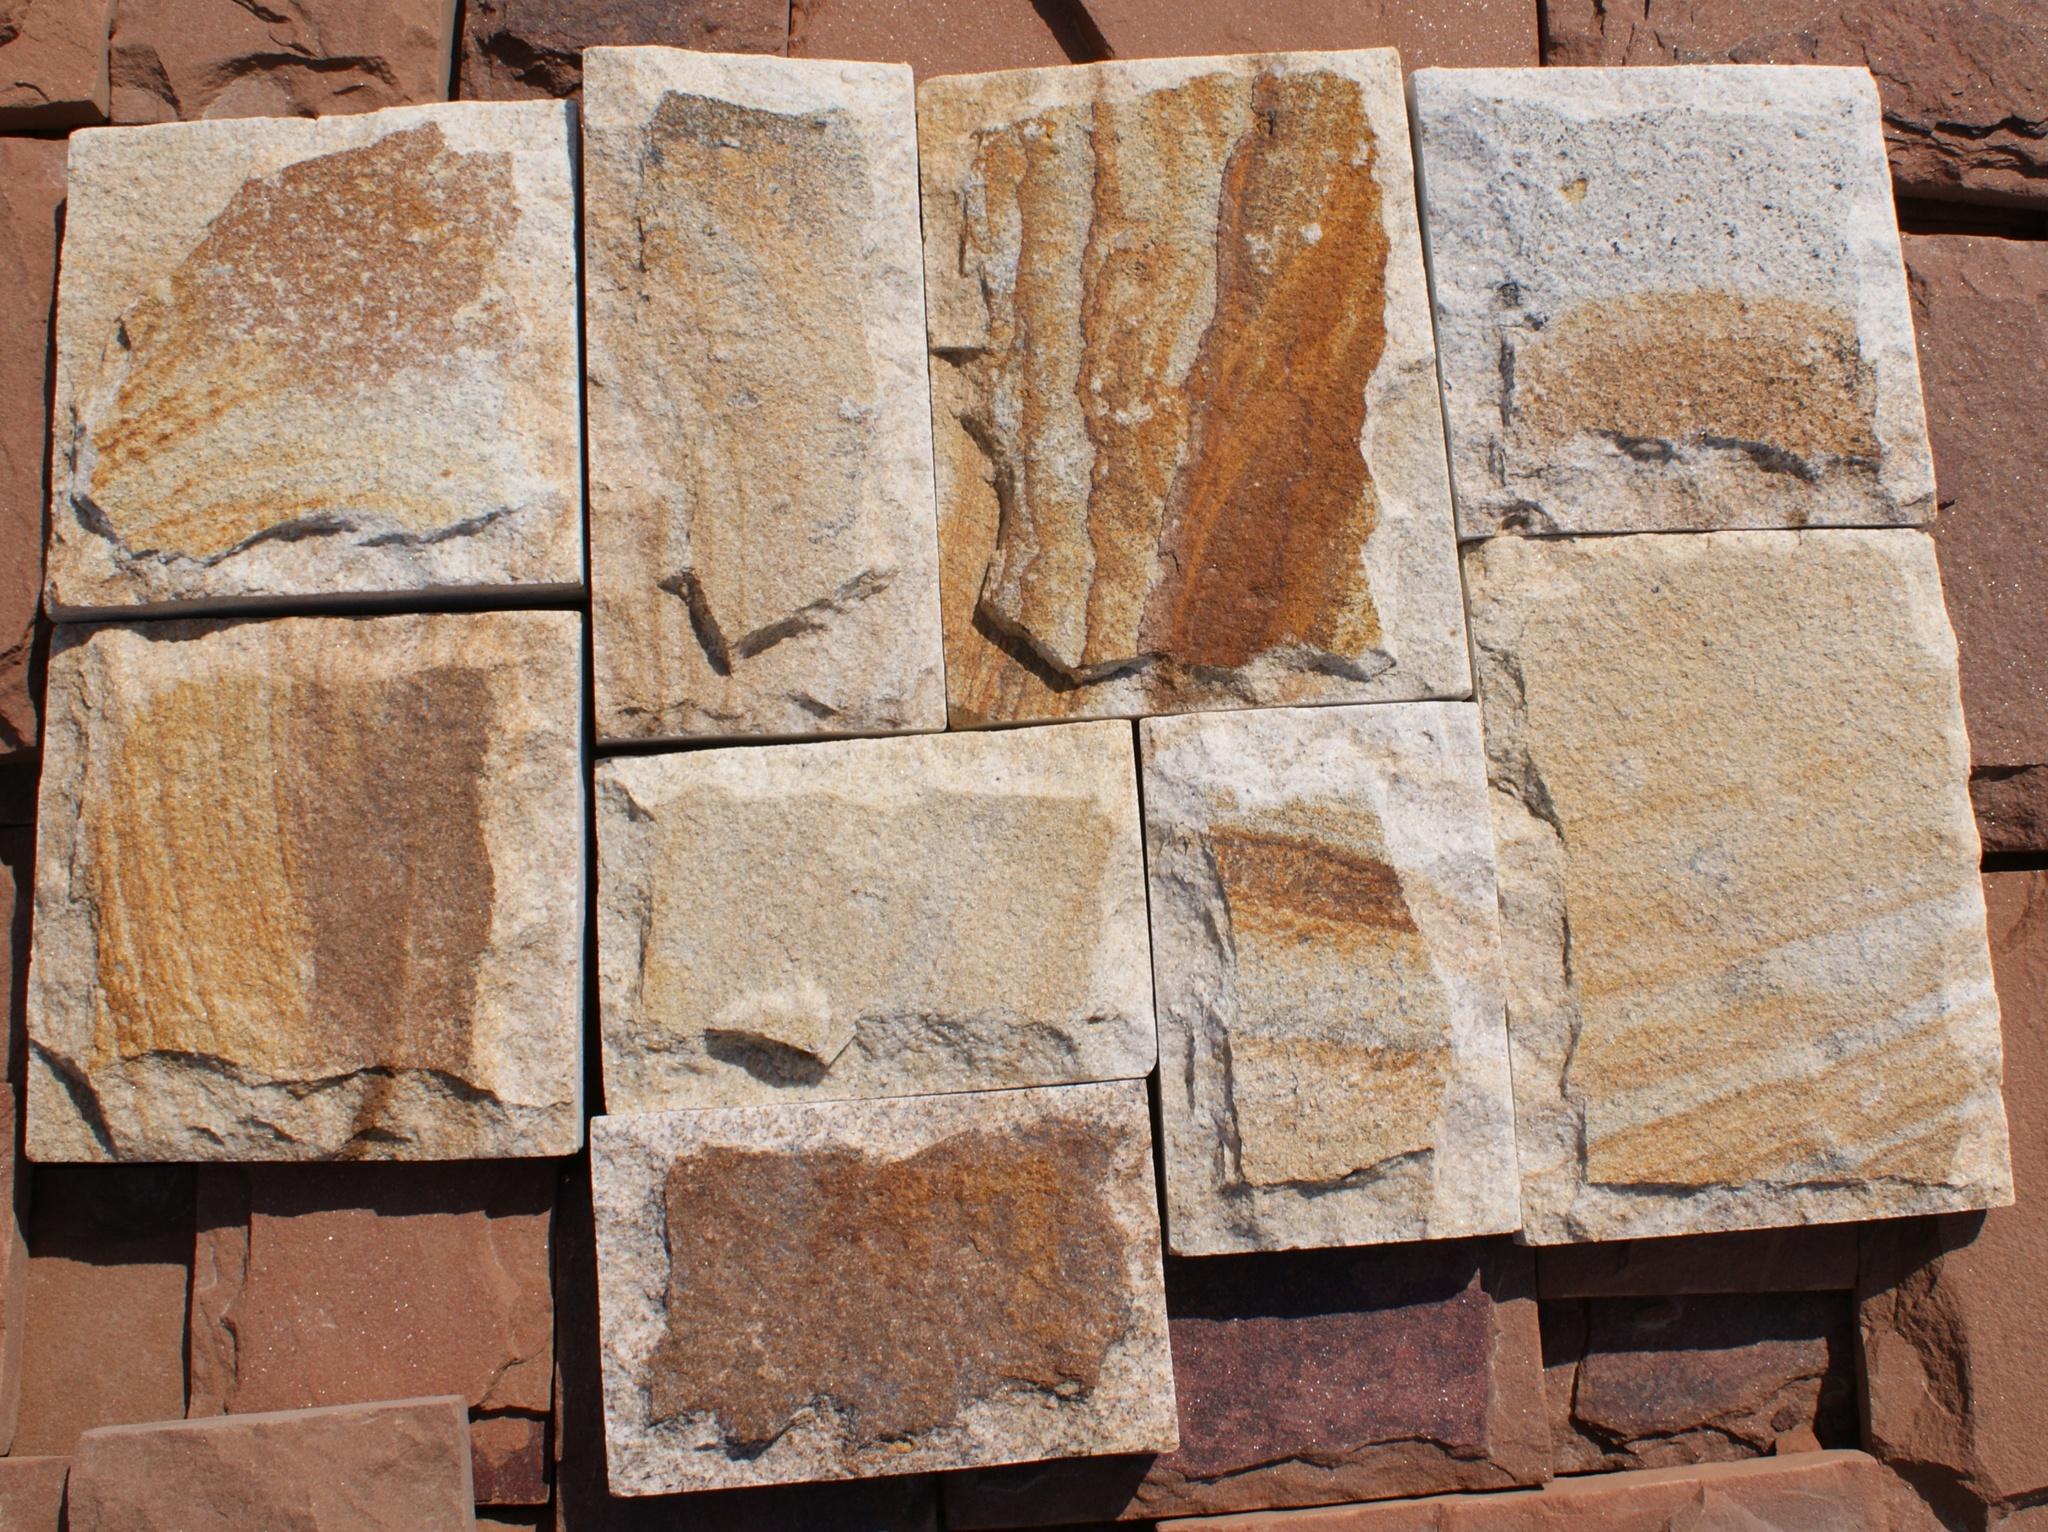 плитка песчаник пиленный рустованный Жемчуг, пример кладки